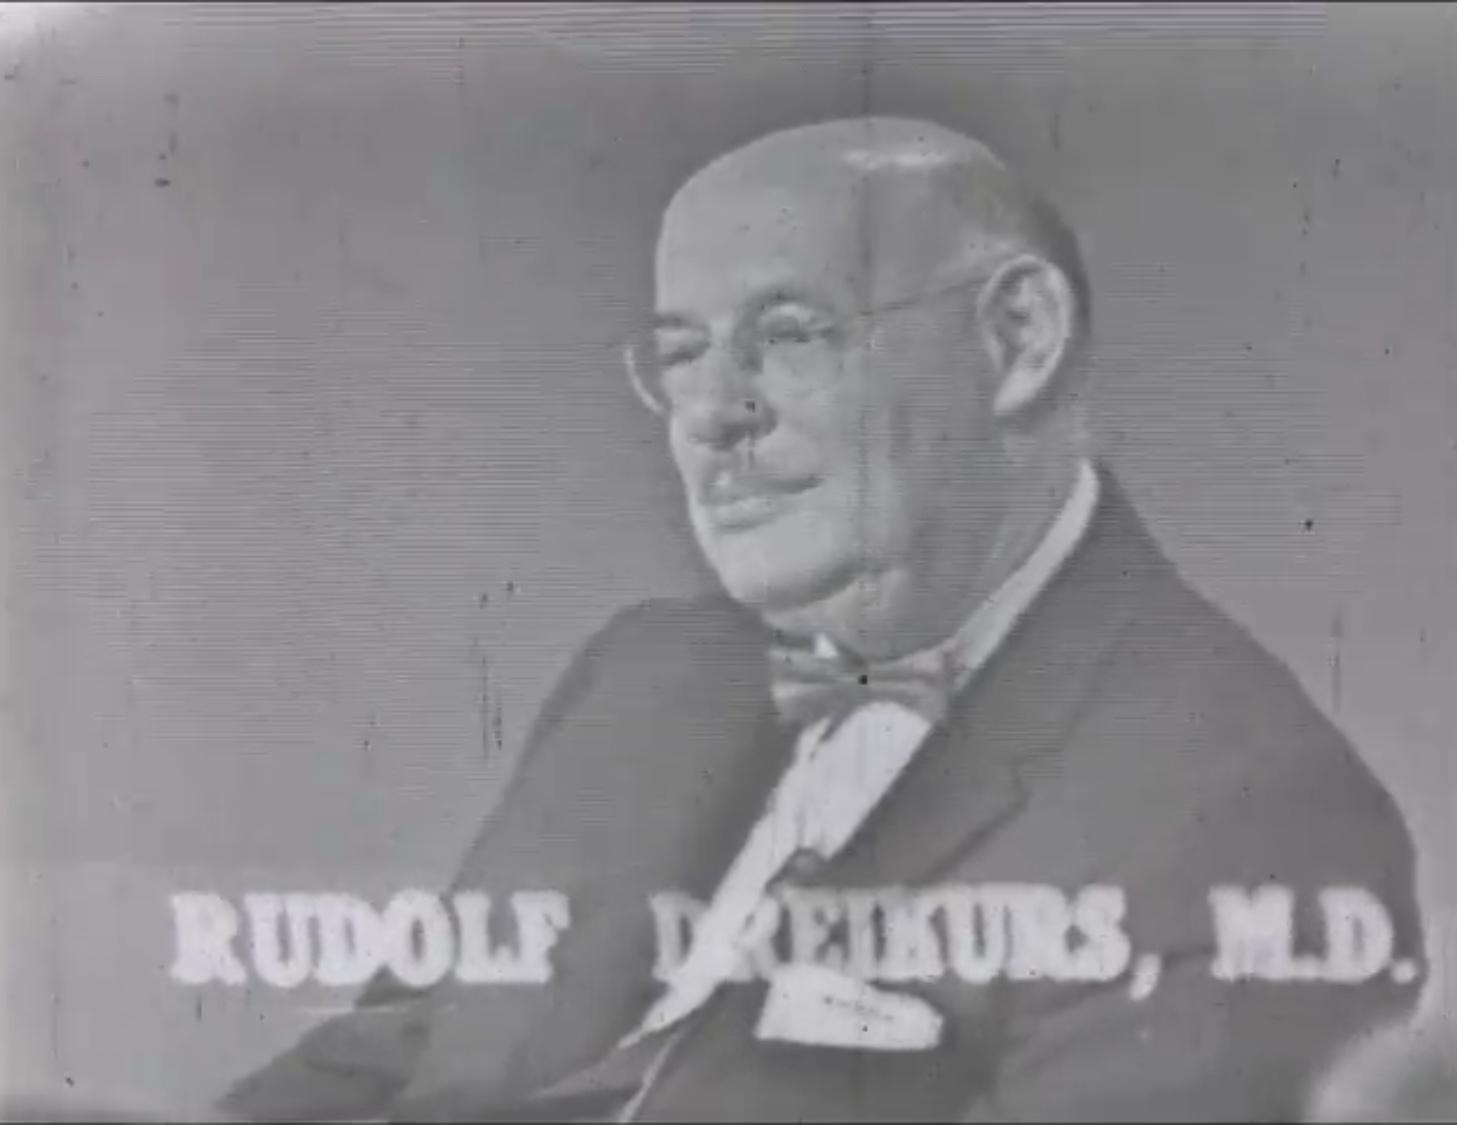 ちょっとマニアックな動画です。ルドルフ・ドライカースさんの公開ファミリーカウンセリング